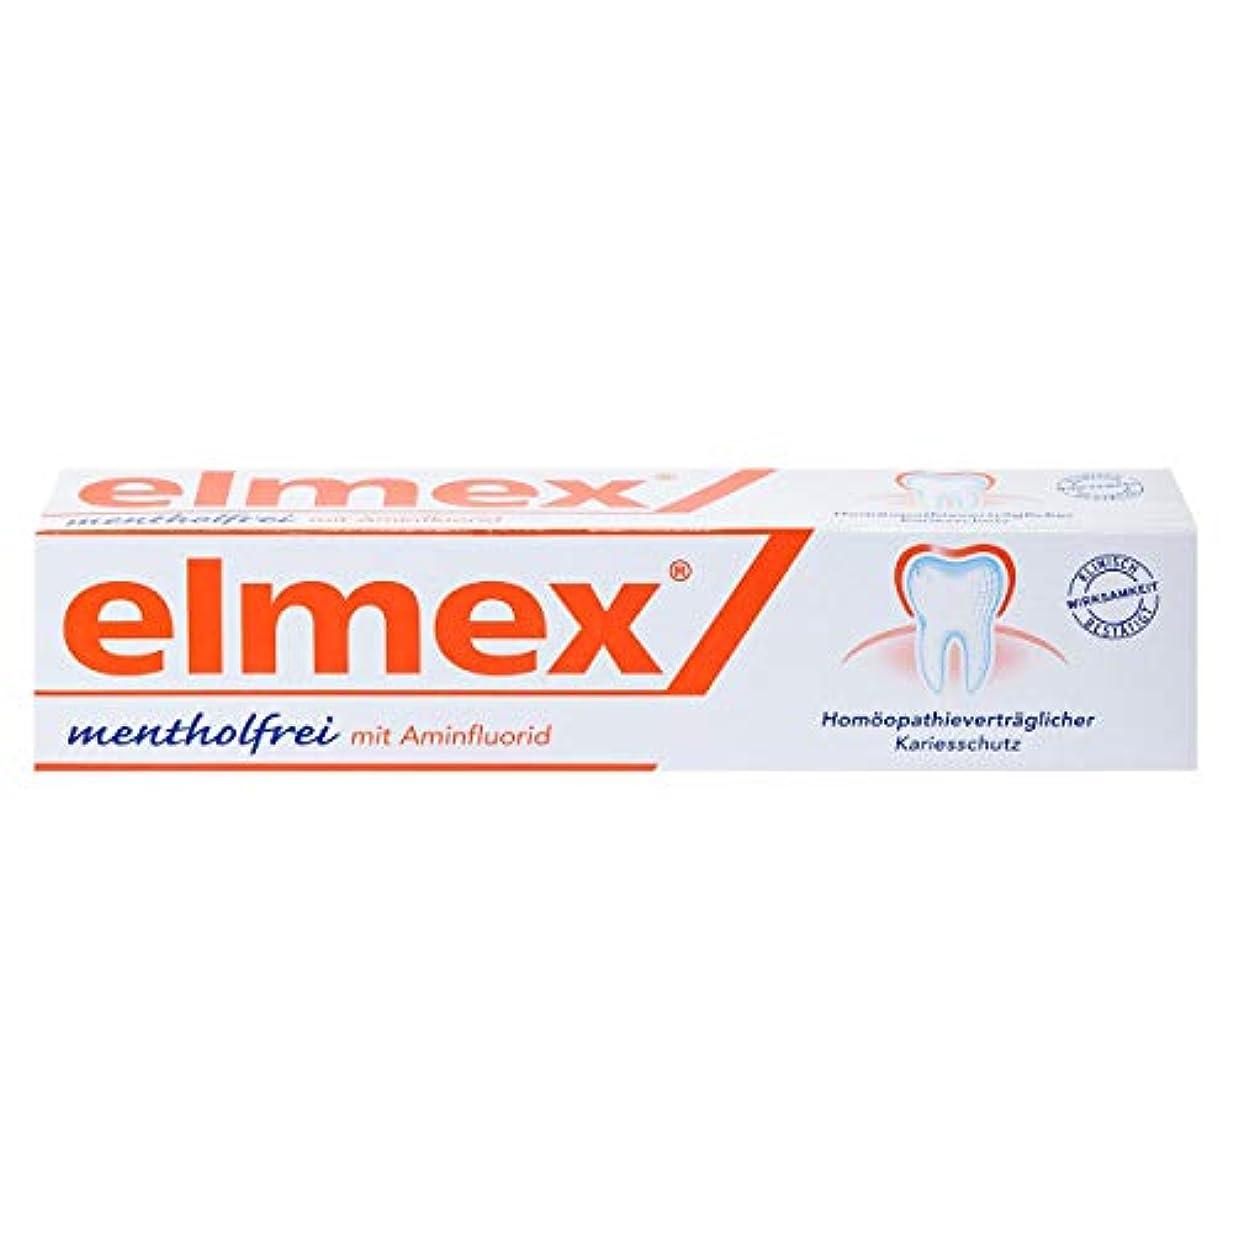 健康的バリケード窒息させる3本セット elmex エルメックス メントールフリー 虫歯予防 歯磨き粉 75ml【並行輸入品】